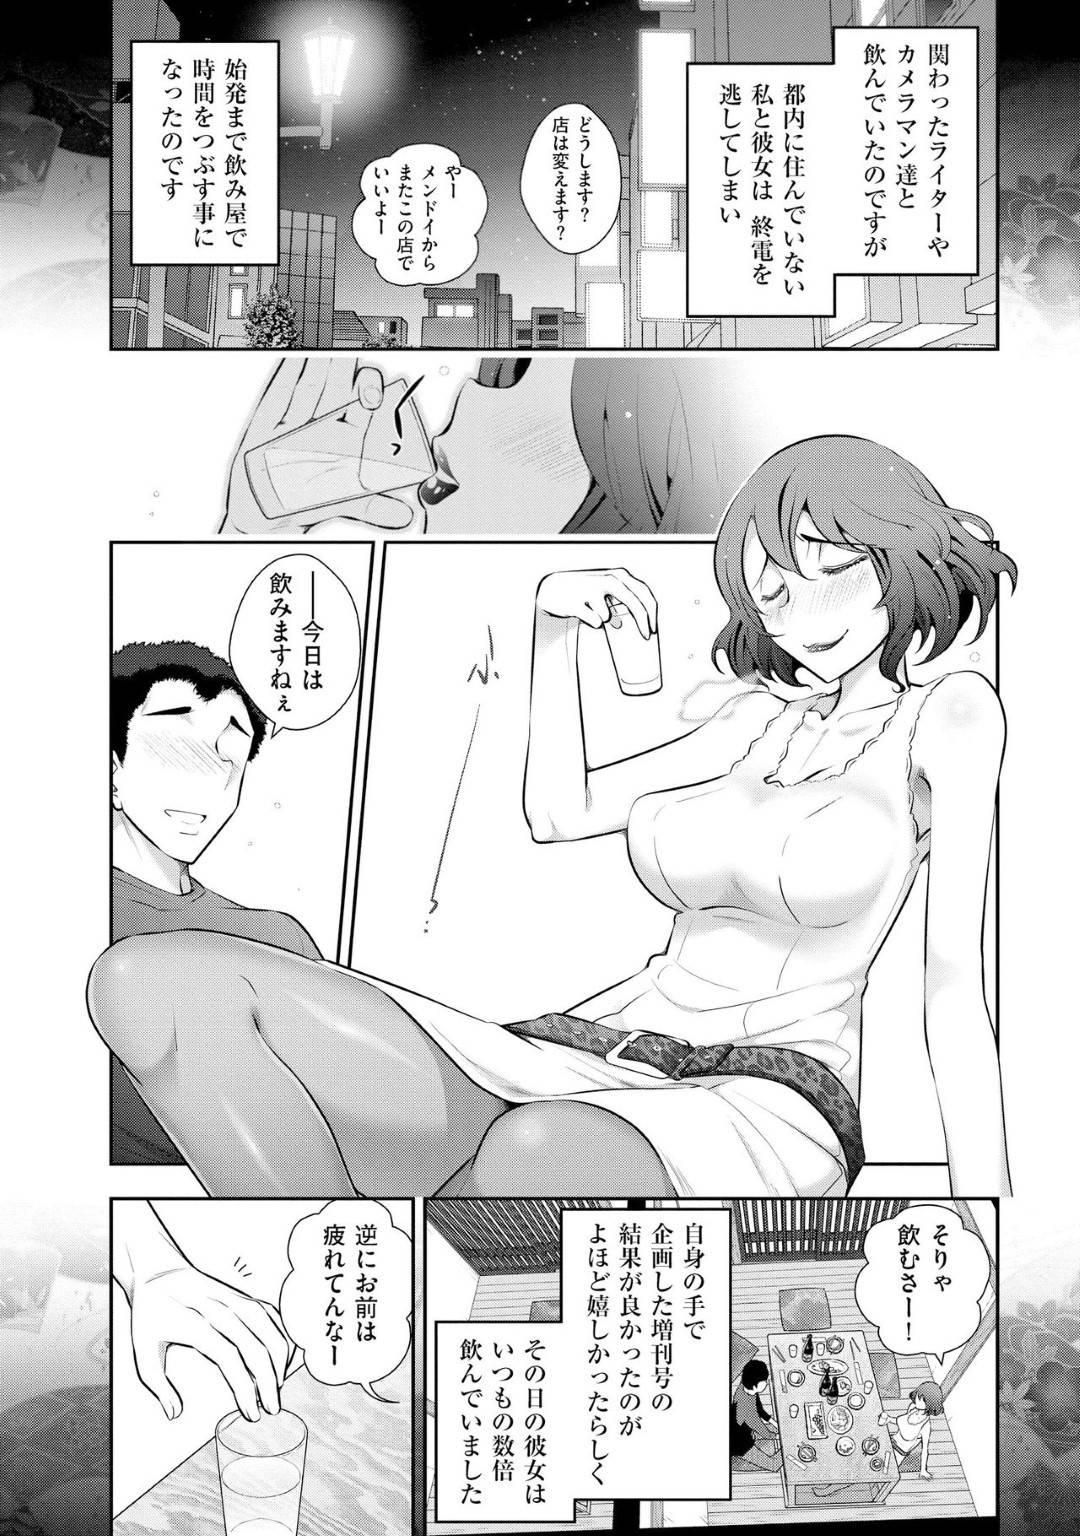 【エロ漫画】エロい編集部の女上司は、酔っ払って後輩に居酒屋でオナニーを見せつけラブホで生ハメセックス